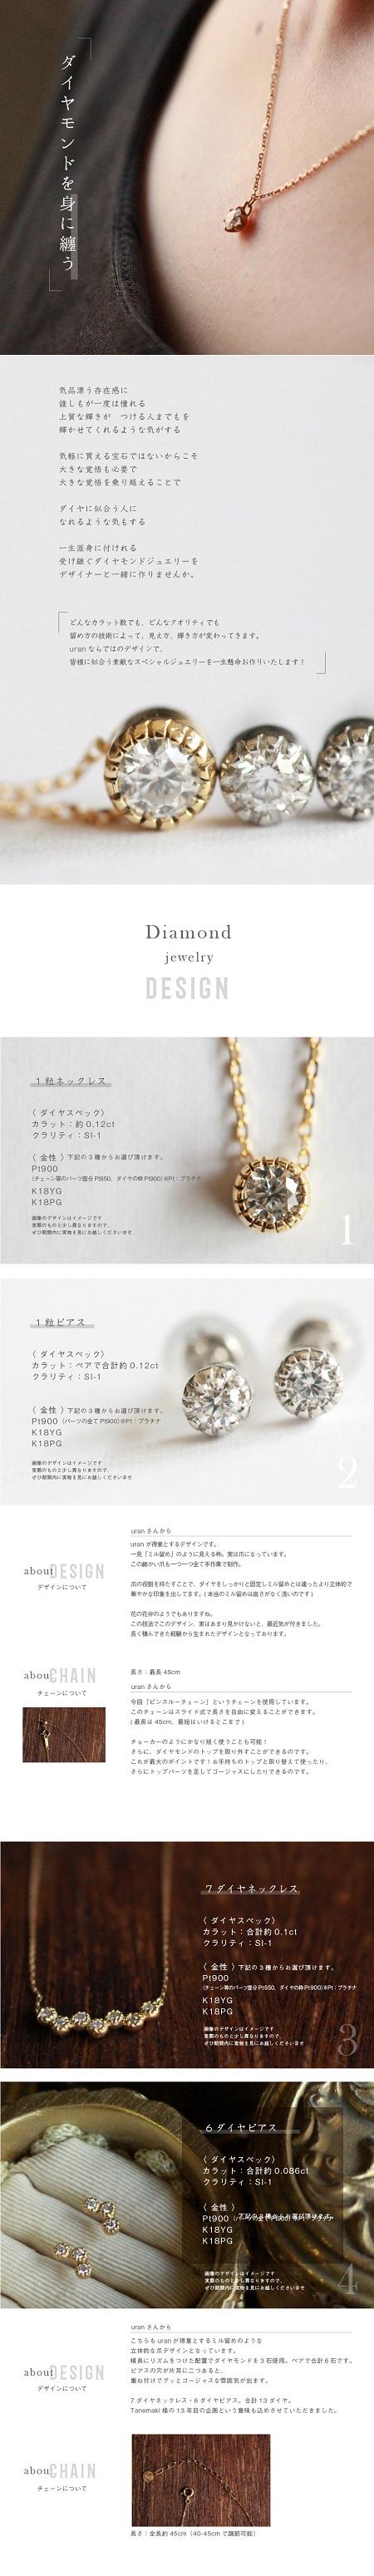 2019_Diamond_2.jpg